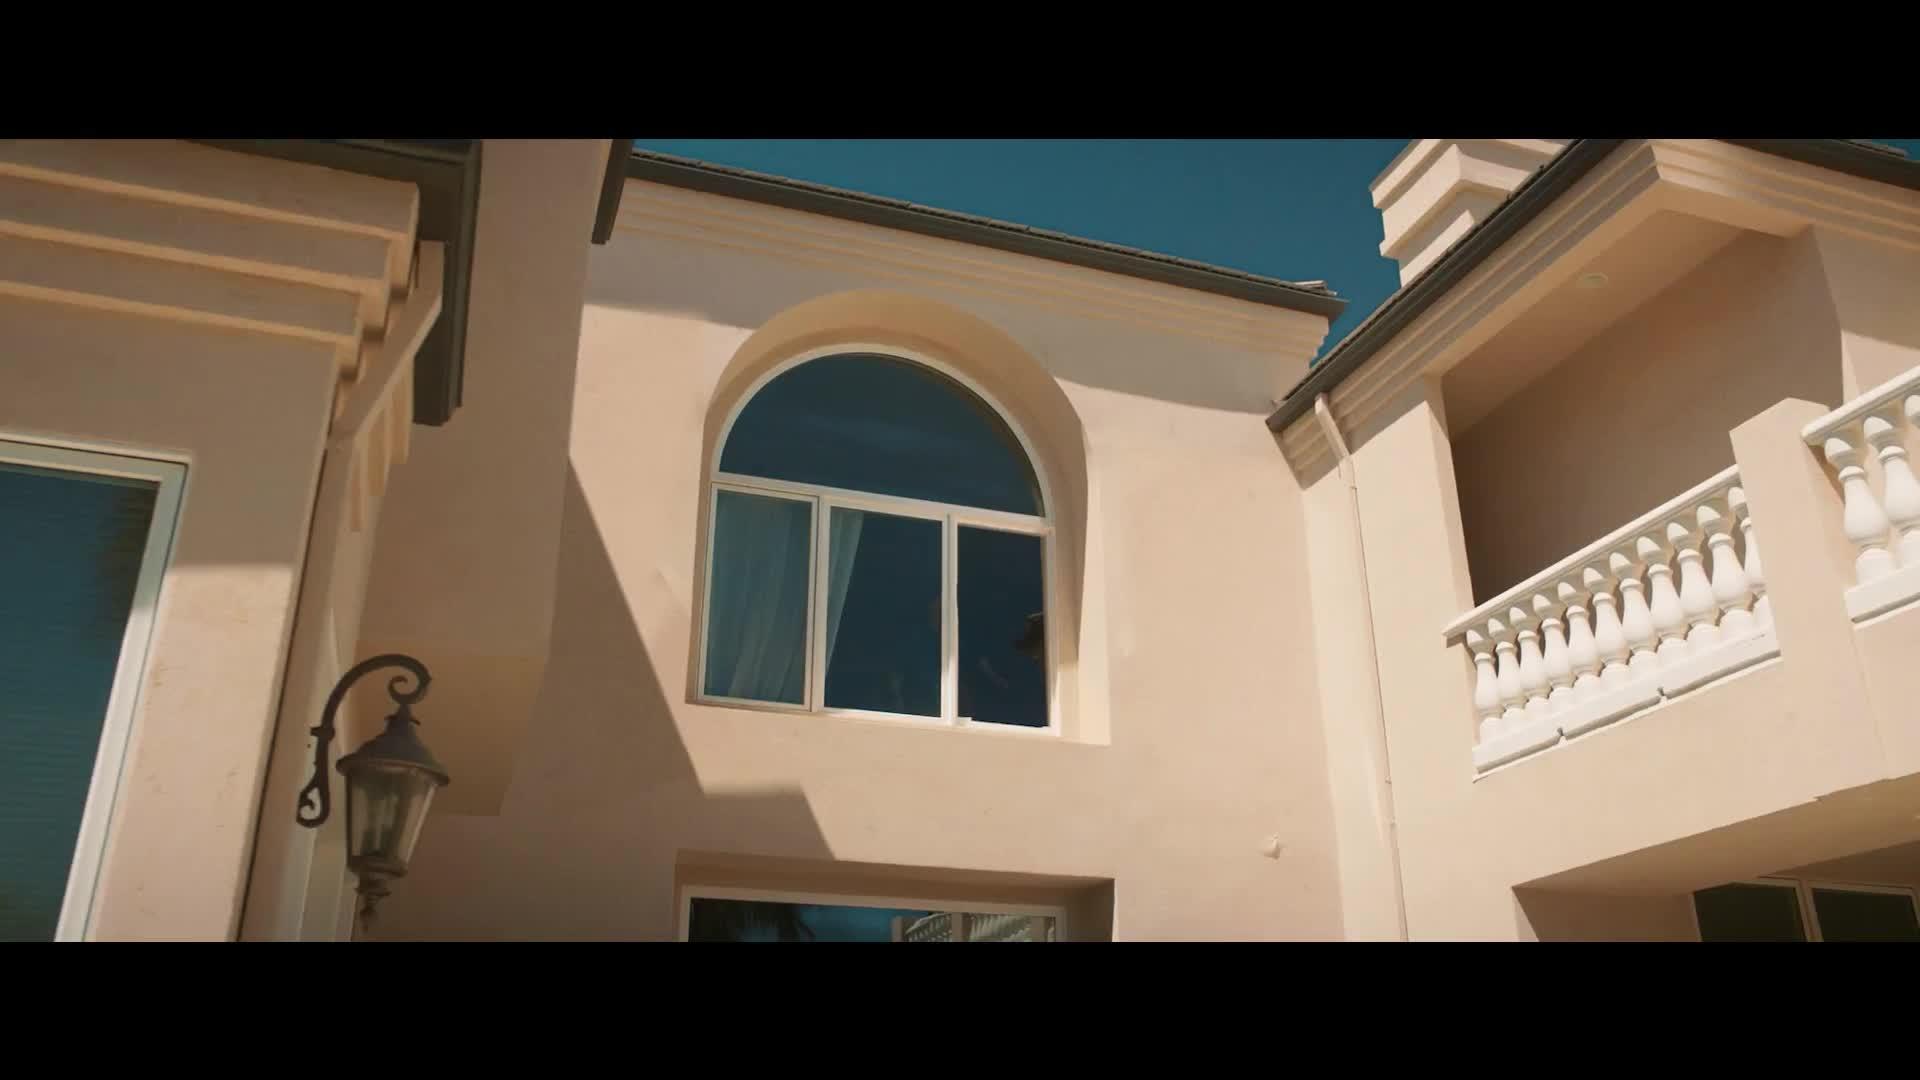 Action, Adventure, Ferdinand Magellan, Indiana Jones, Nathan Drake, Nathan Fillion, National Treasure, PS3, PS4, Trailers, Uncharted, Nathan Fillion as Nathan Drake  GIFs